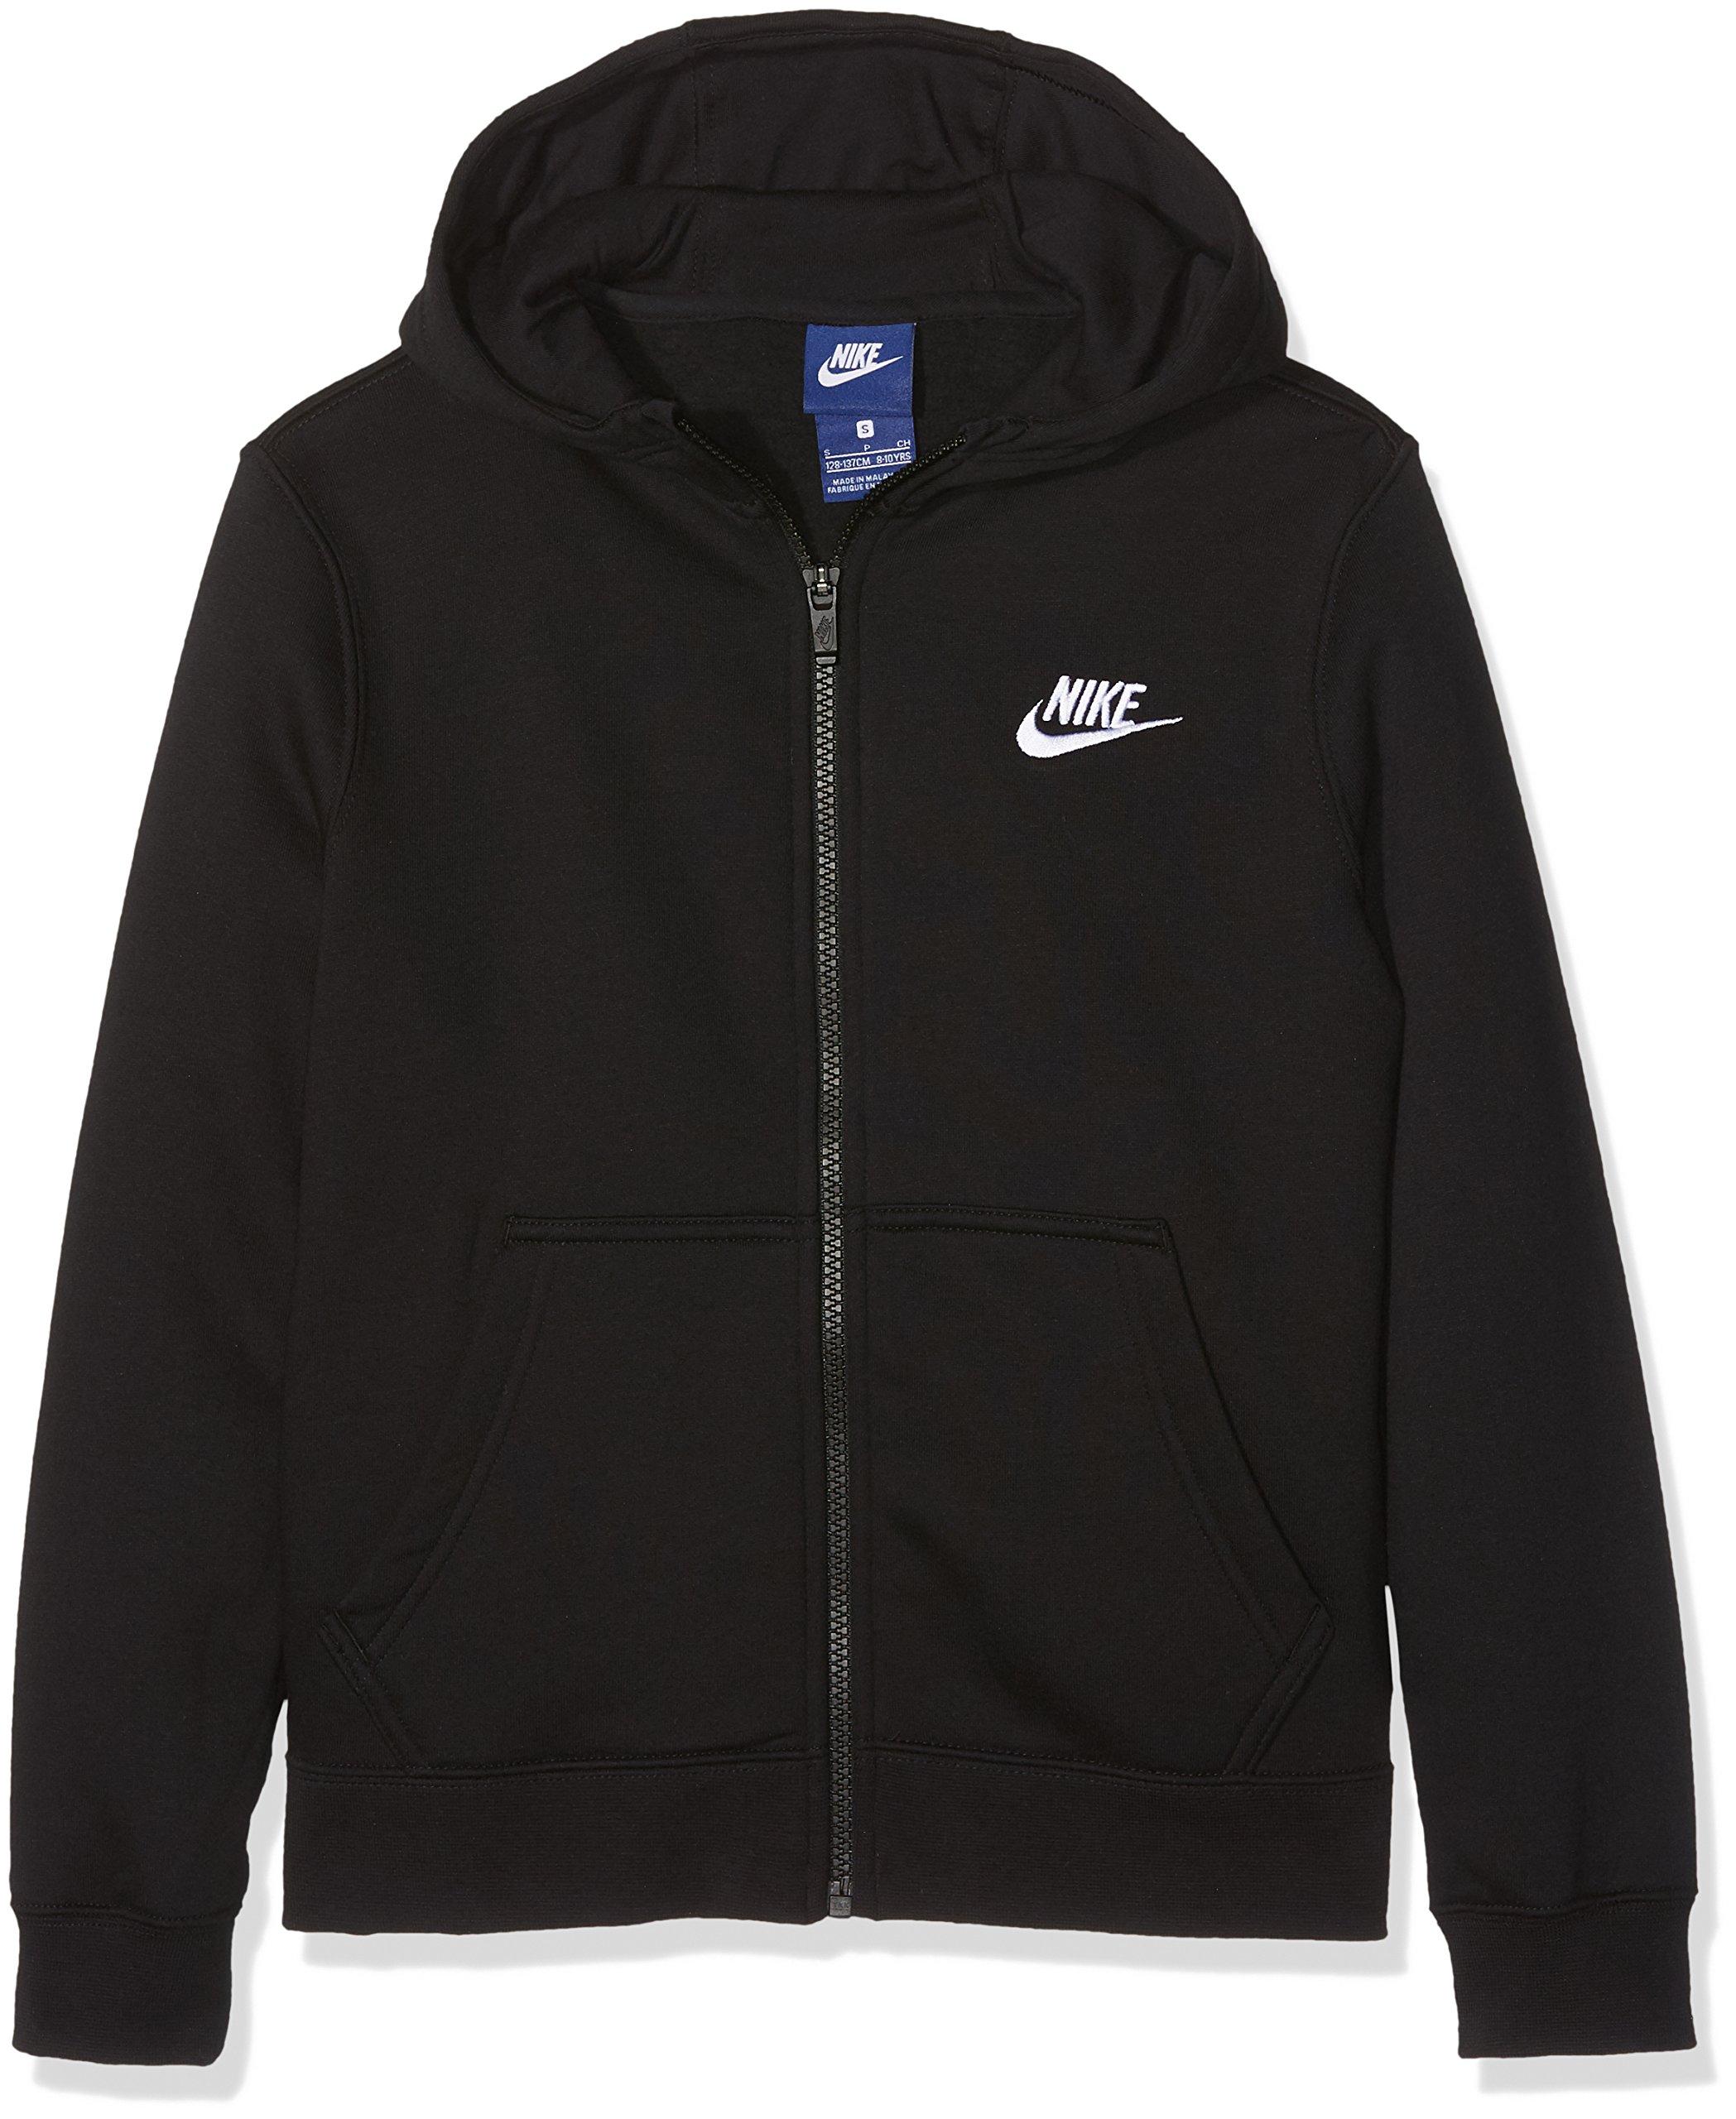 NIKE Boys NSW Hoodie FZ Club #805499-010 (S) by Nike (Image #1)